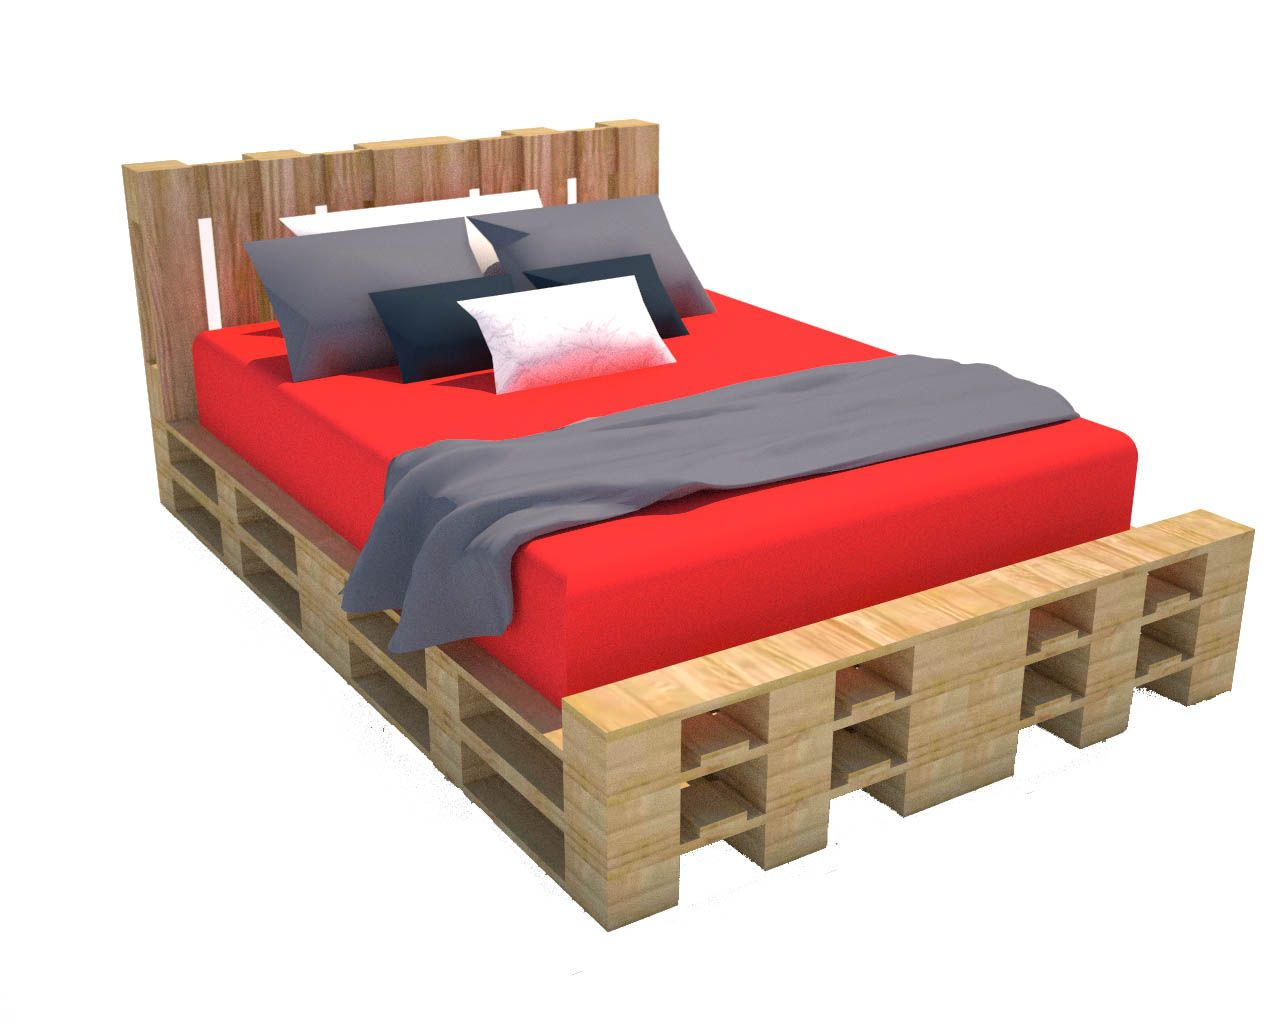 Come costruire un letto con pallet riciclati progetto - Costruire mobili fai da te ...